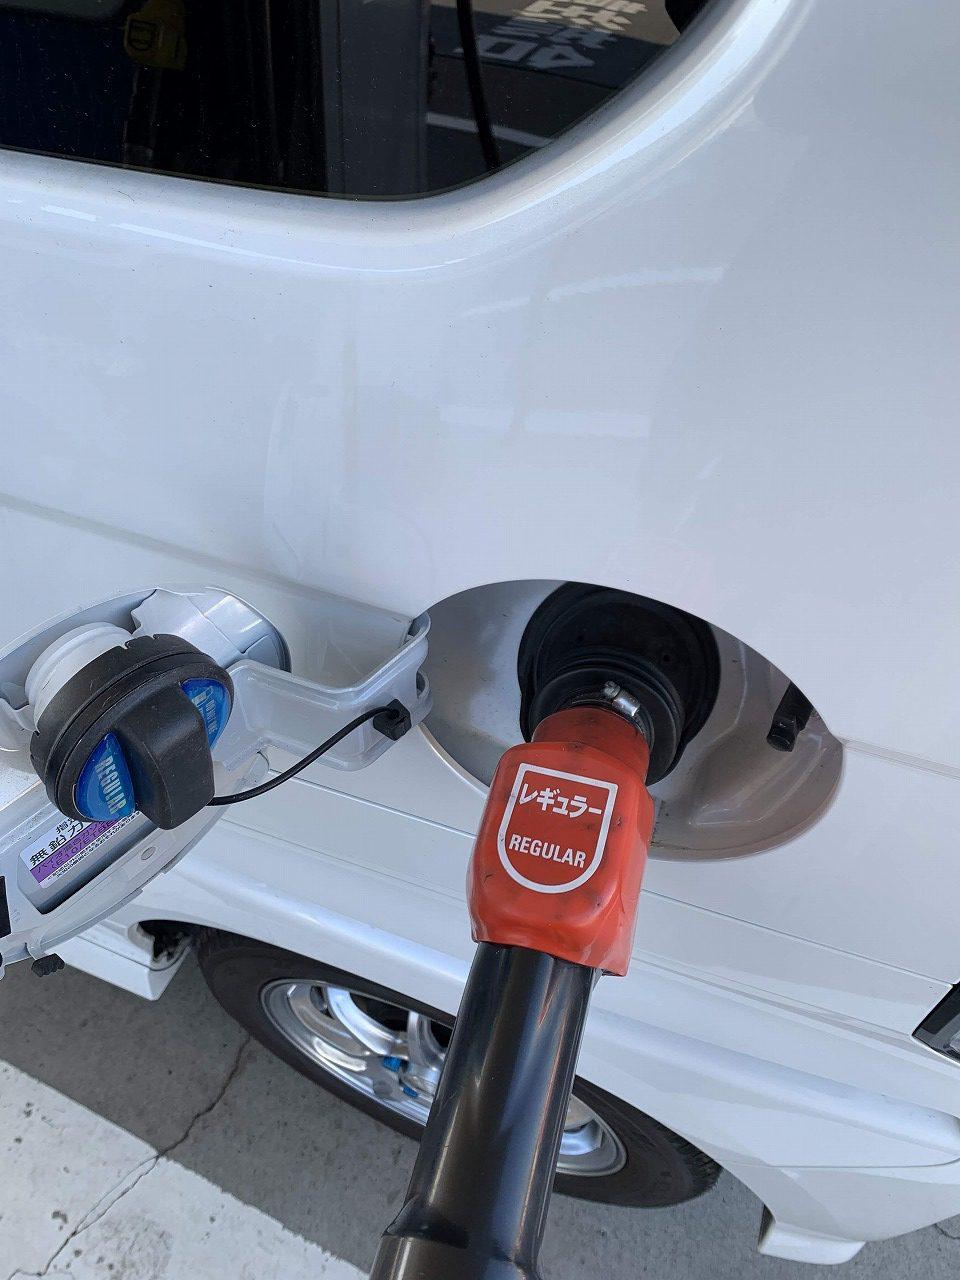 N-BOXでの給油で最安値!ガソリンが安くなって嬉しいですね^^